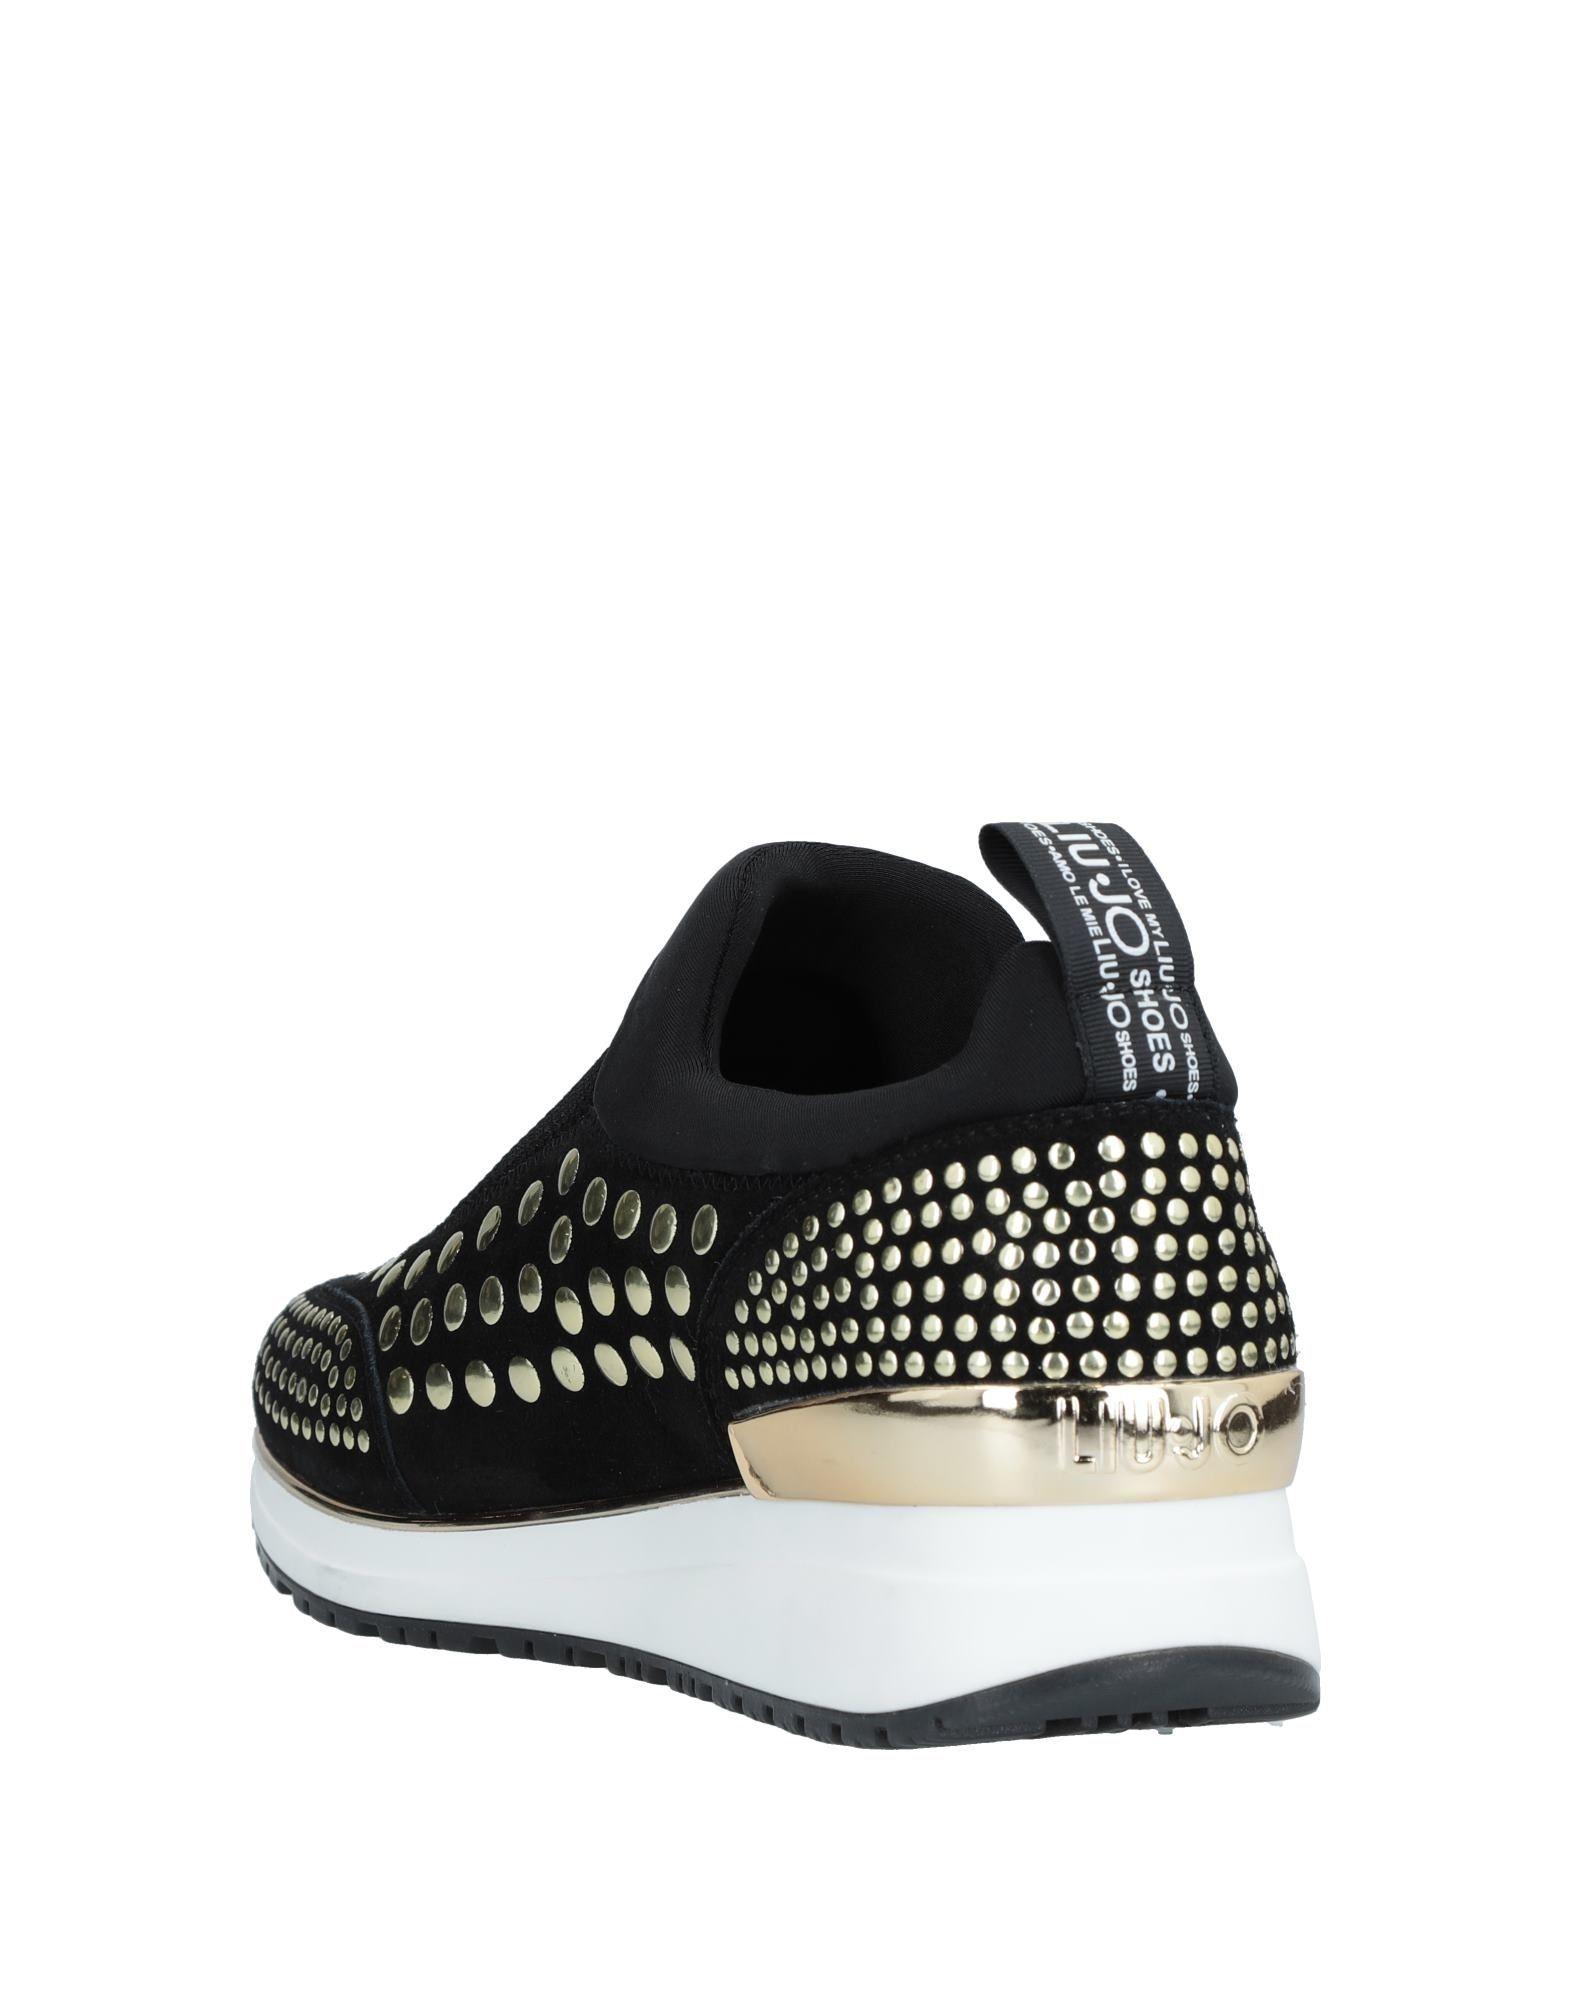 Liu •Jo Sneakers Damen    11497647QA Gute Qualität beliebte Schuhe f8d83a